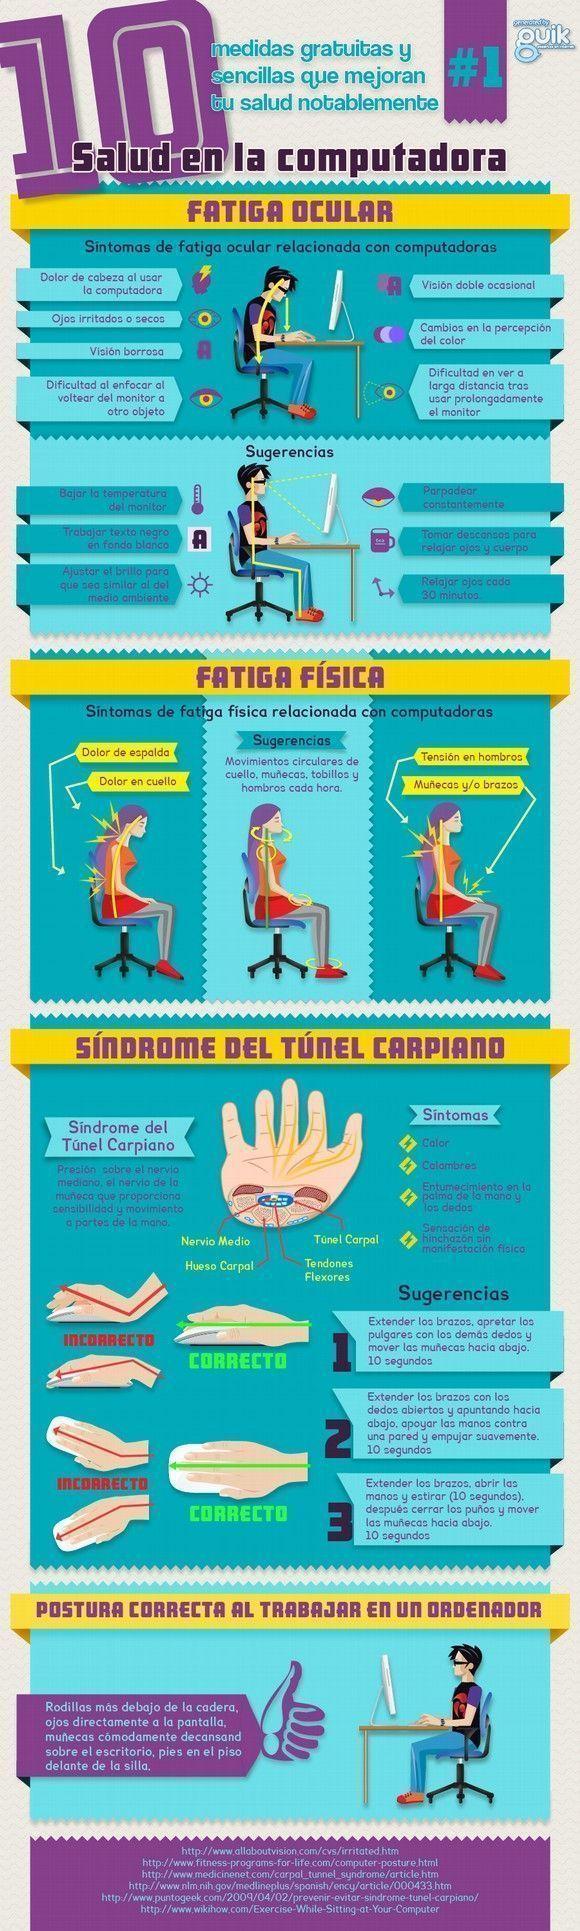 Infografía: Cuida tu salud al ordenador